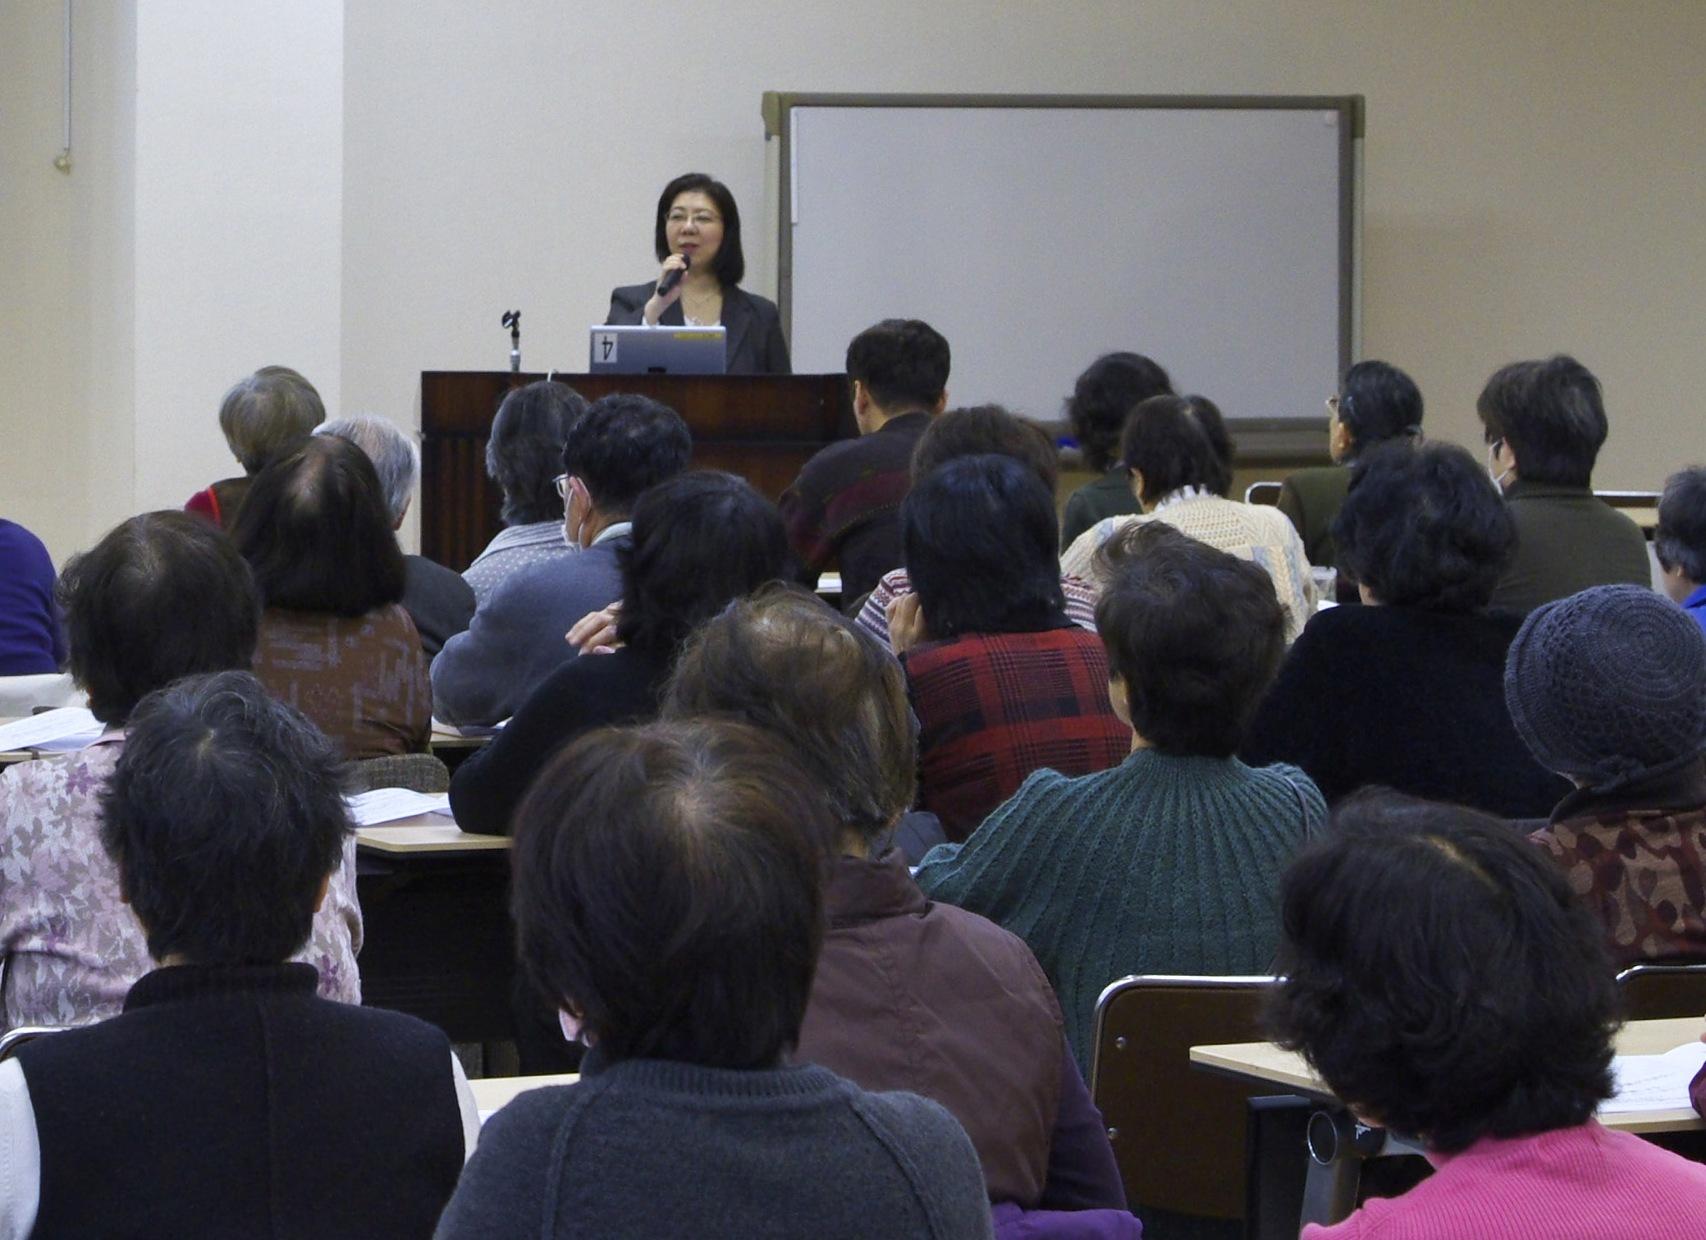 2012年2月25日大阪いづみ市民生協主催 終活セミナーの様子(講師:明石久美)